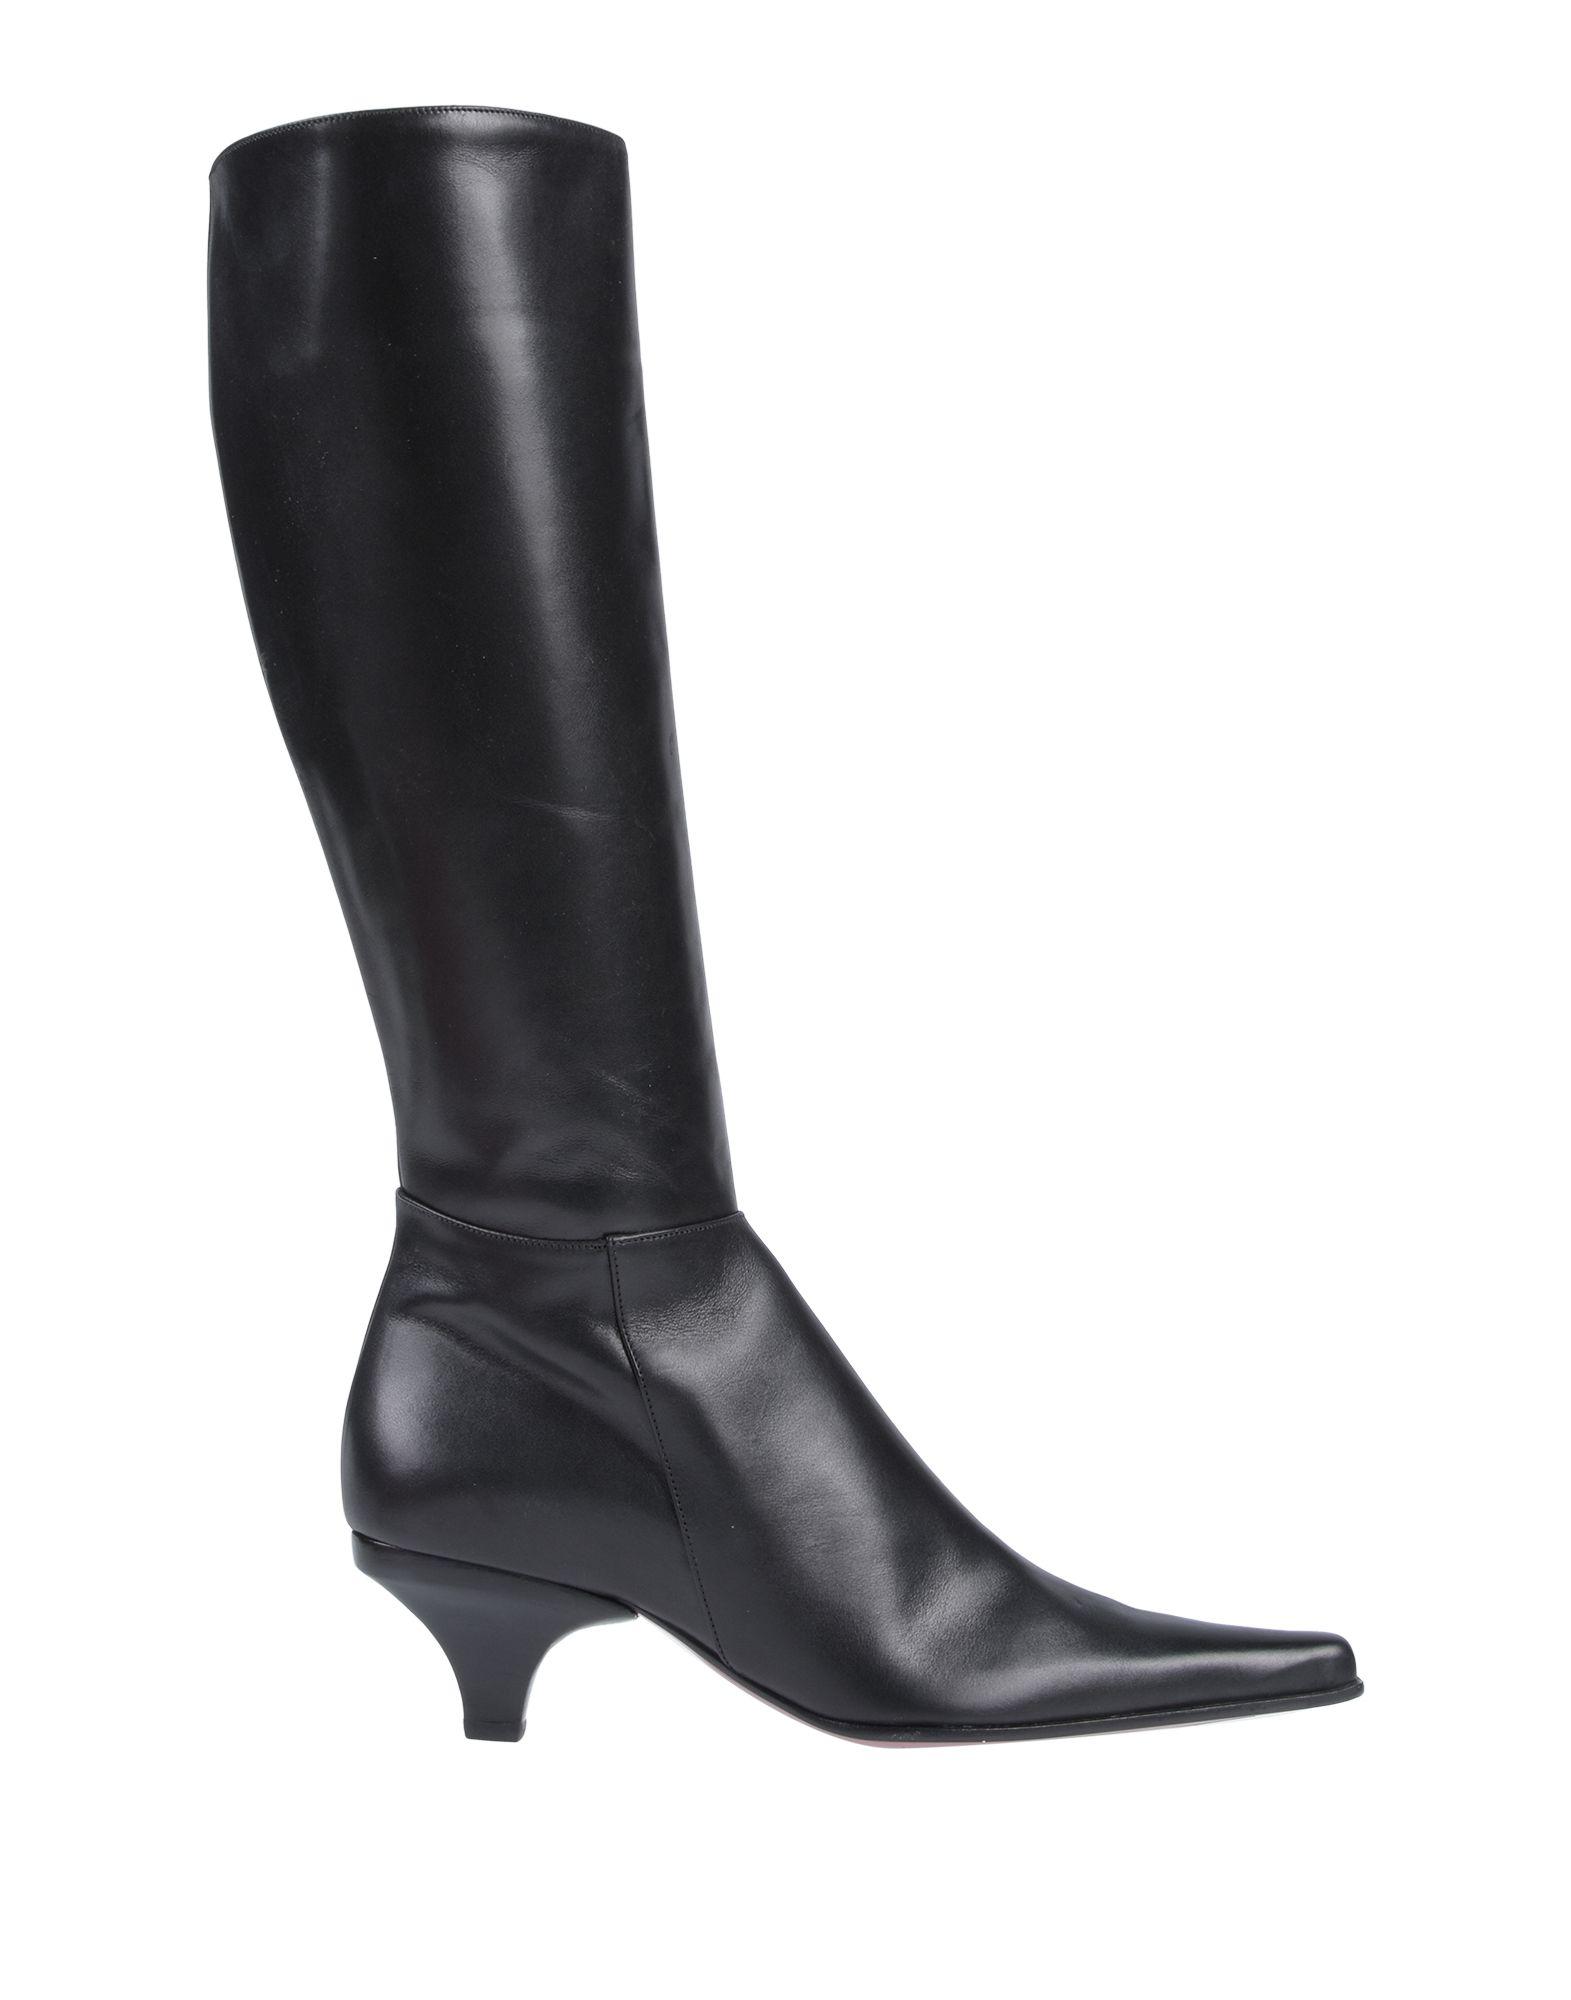 《送料無料》MISS ROSSI レディース ブーツ ブラック 35 牛革(カーフ)